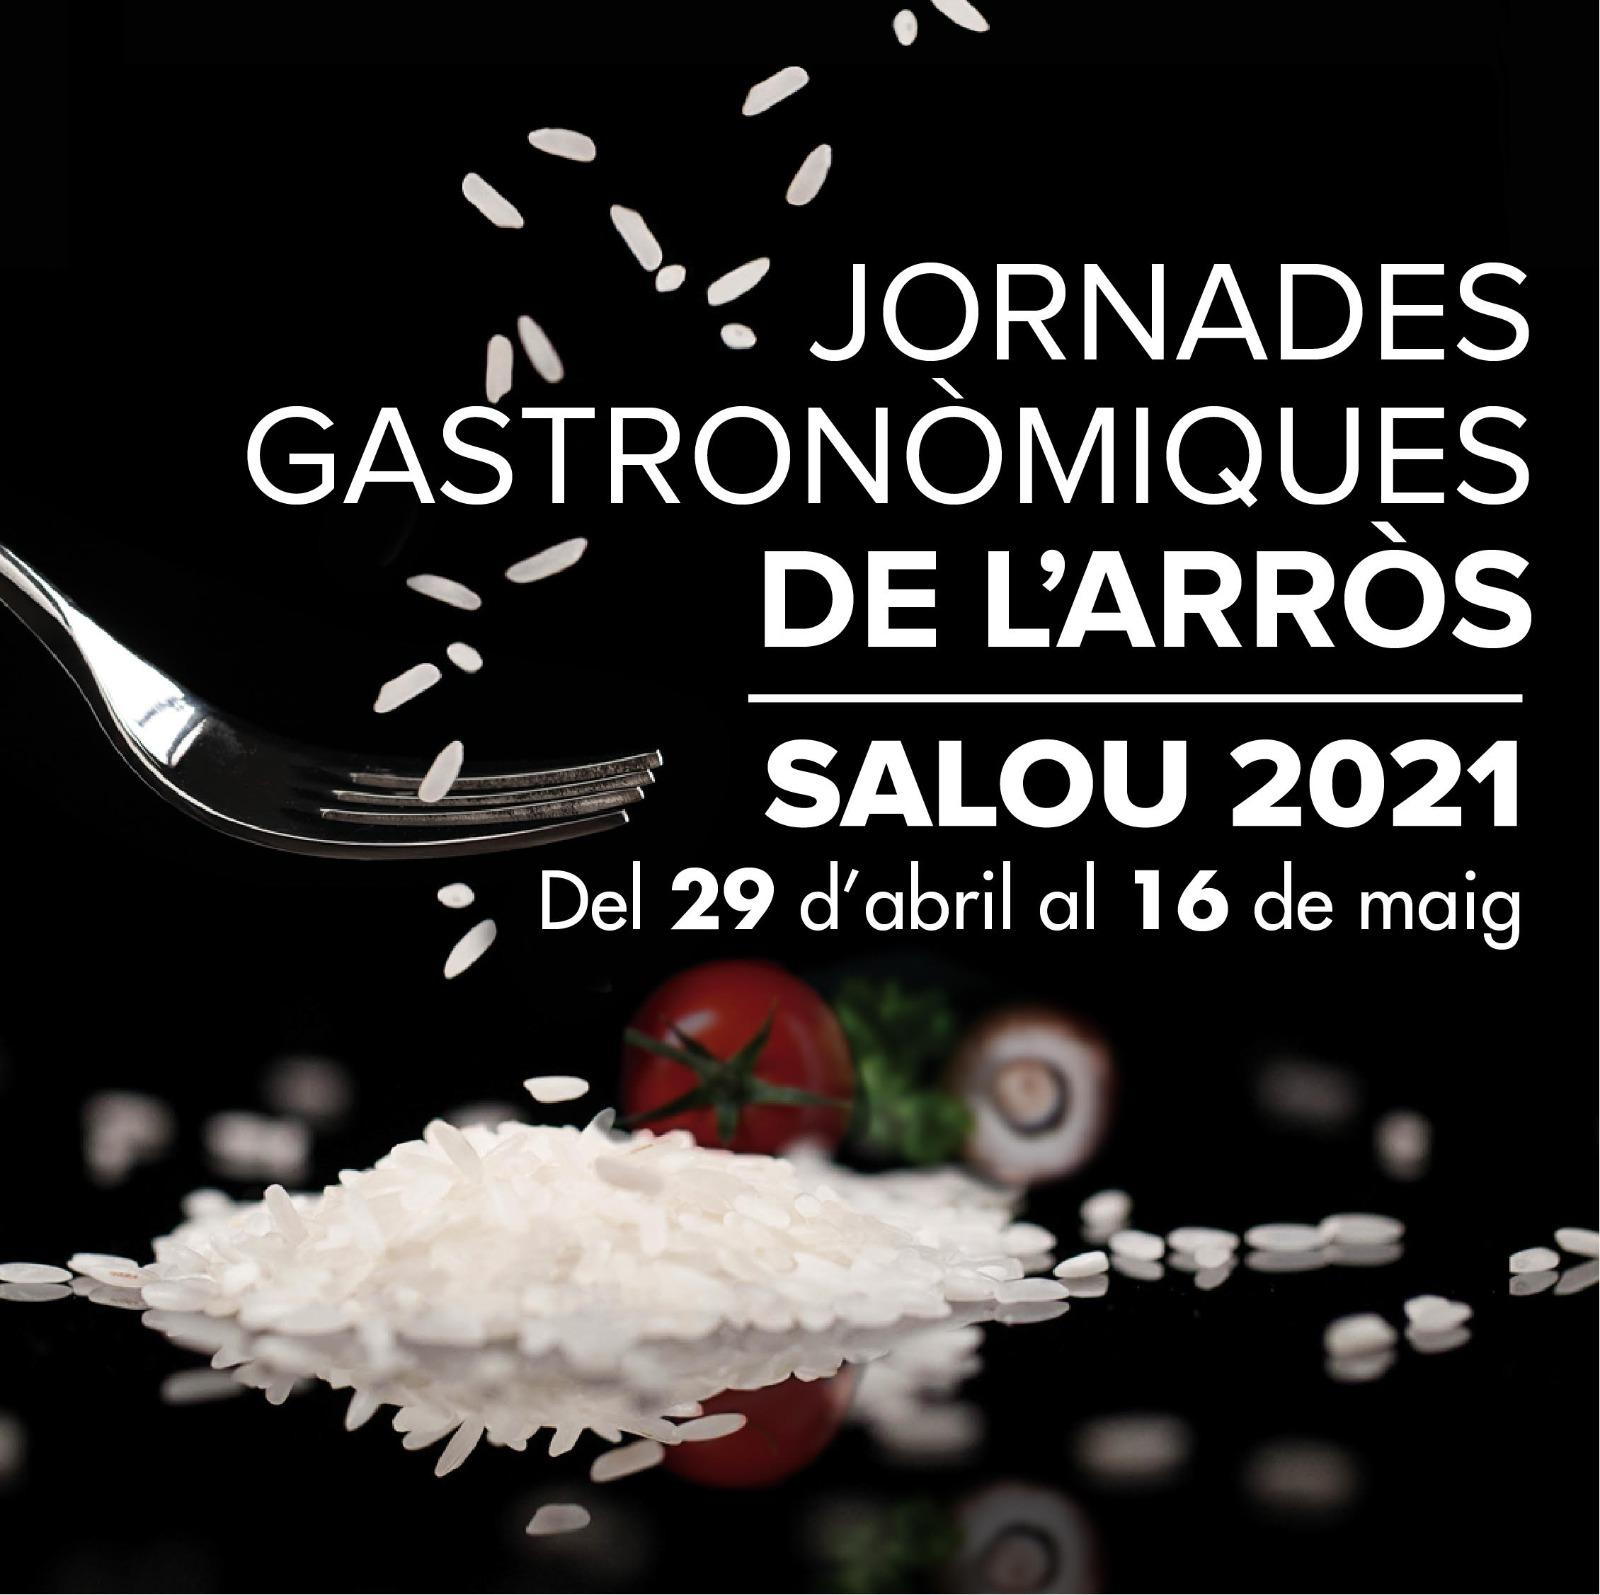 Jornades Gastronòmiques de l'Arròs Salou